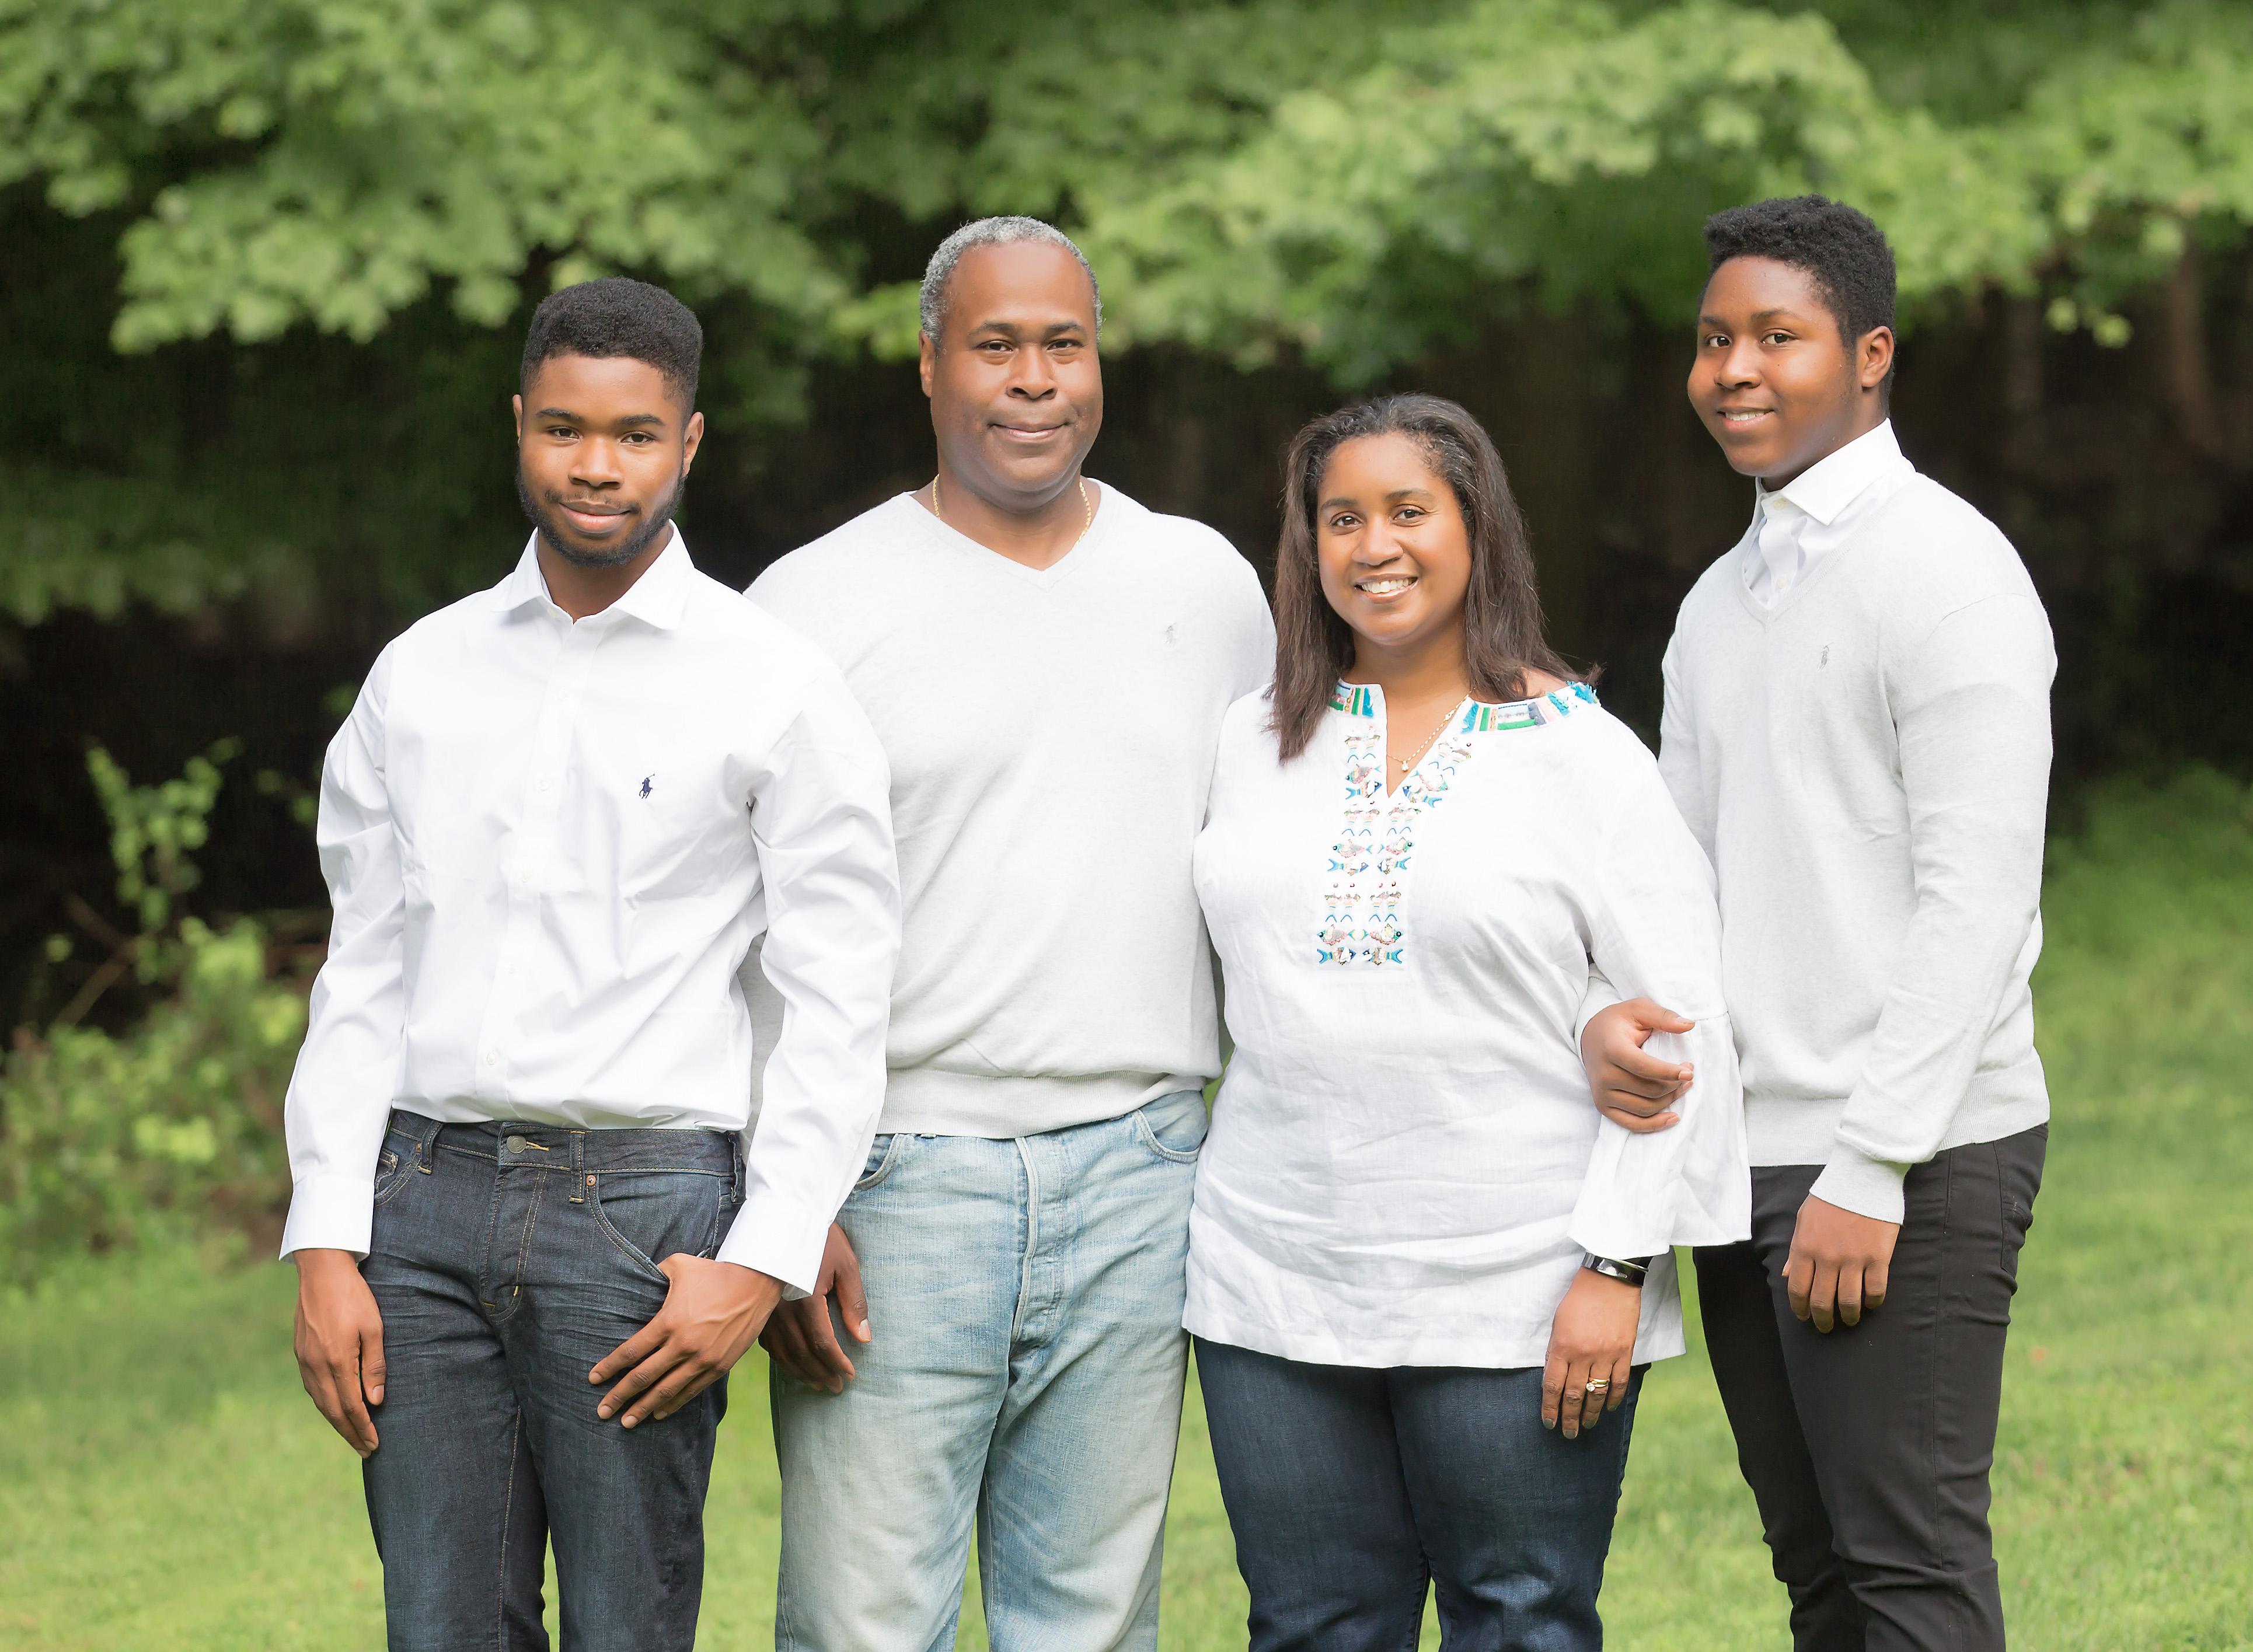 Carmel Family Photography